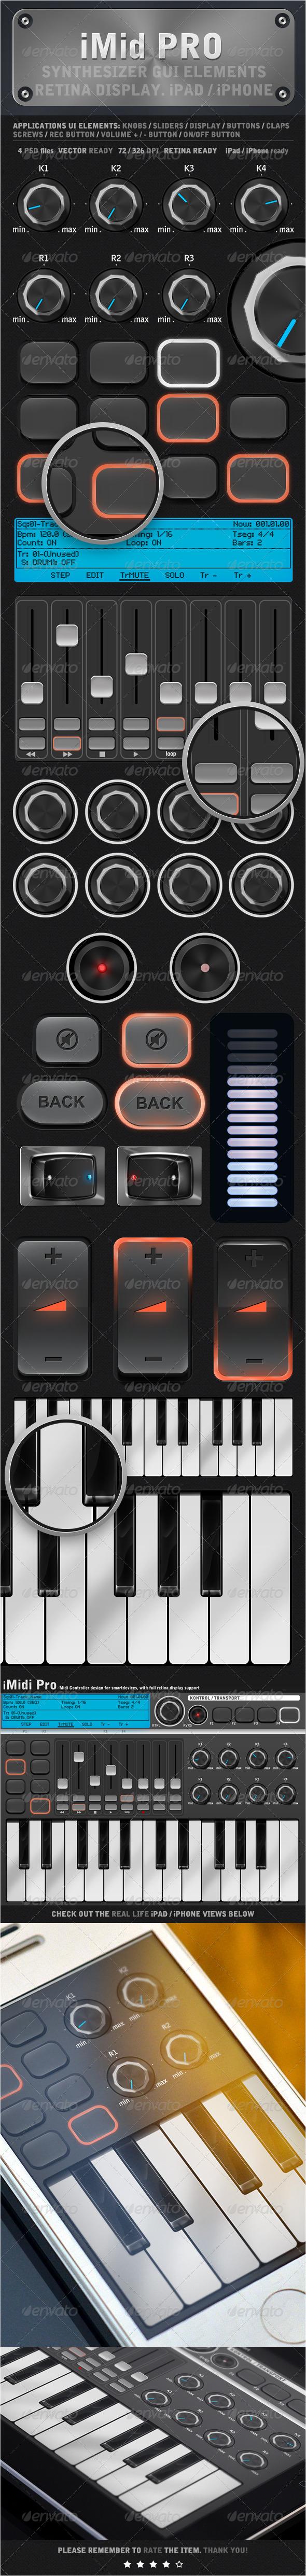 GraphicRiver iMidi iPad iPhone UI Elements 4475542